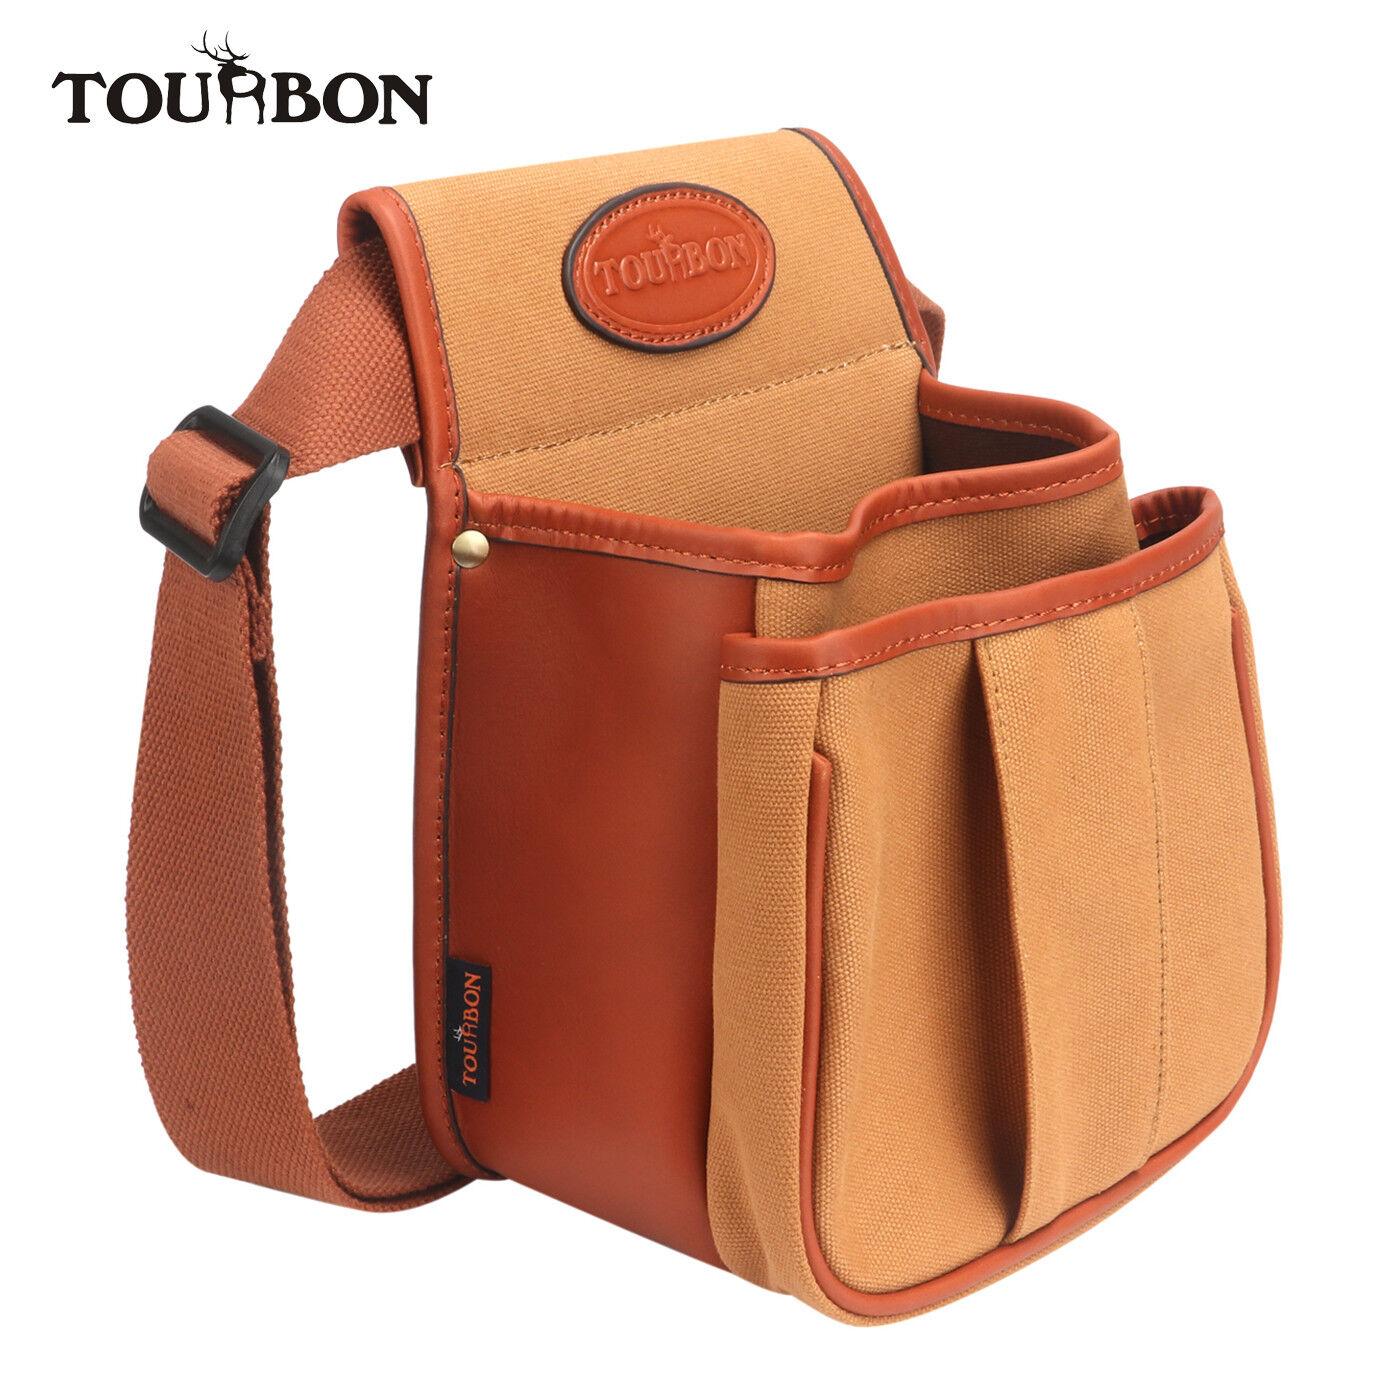 Tourbon Cartridge Speed Bag Shotgun Ammo Holder Carry Gun Bullet Pouch Belt Loop